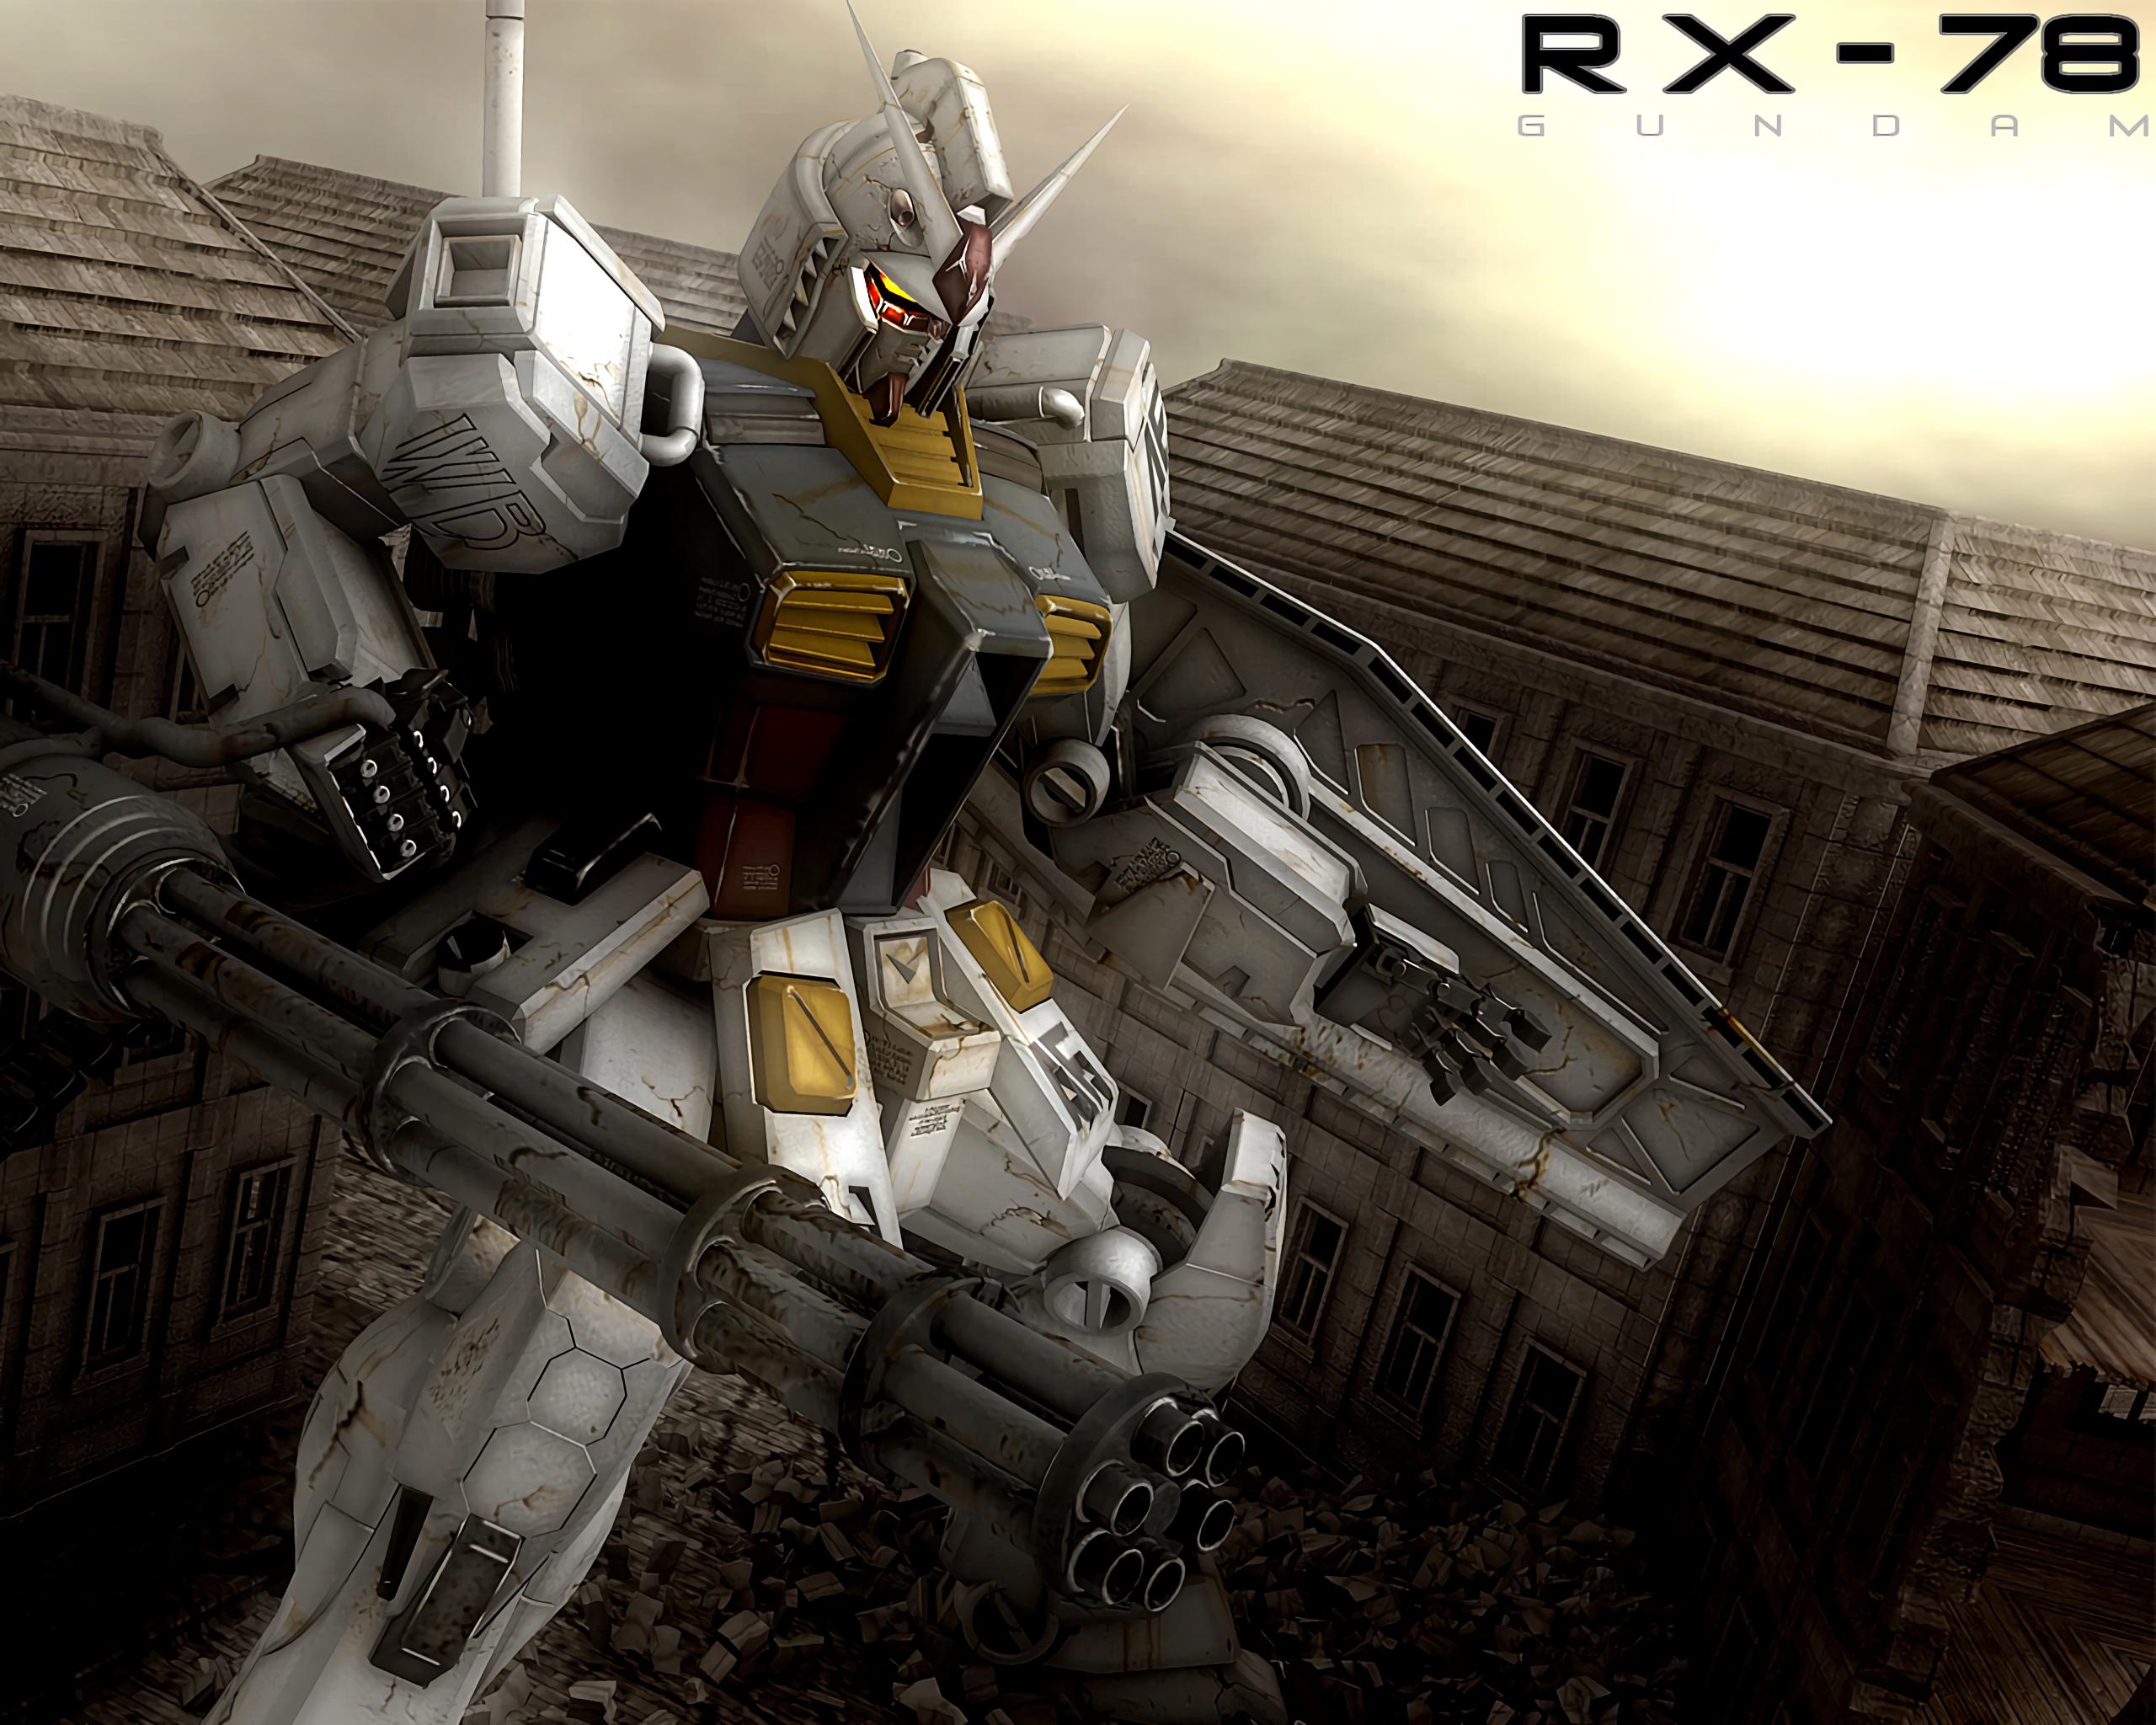 Gundam hd wallpaper background image 2560x2048 id 45529 wallpaper abyss - Gundam wallpaper hd ...